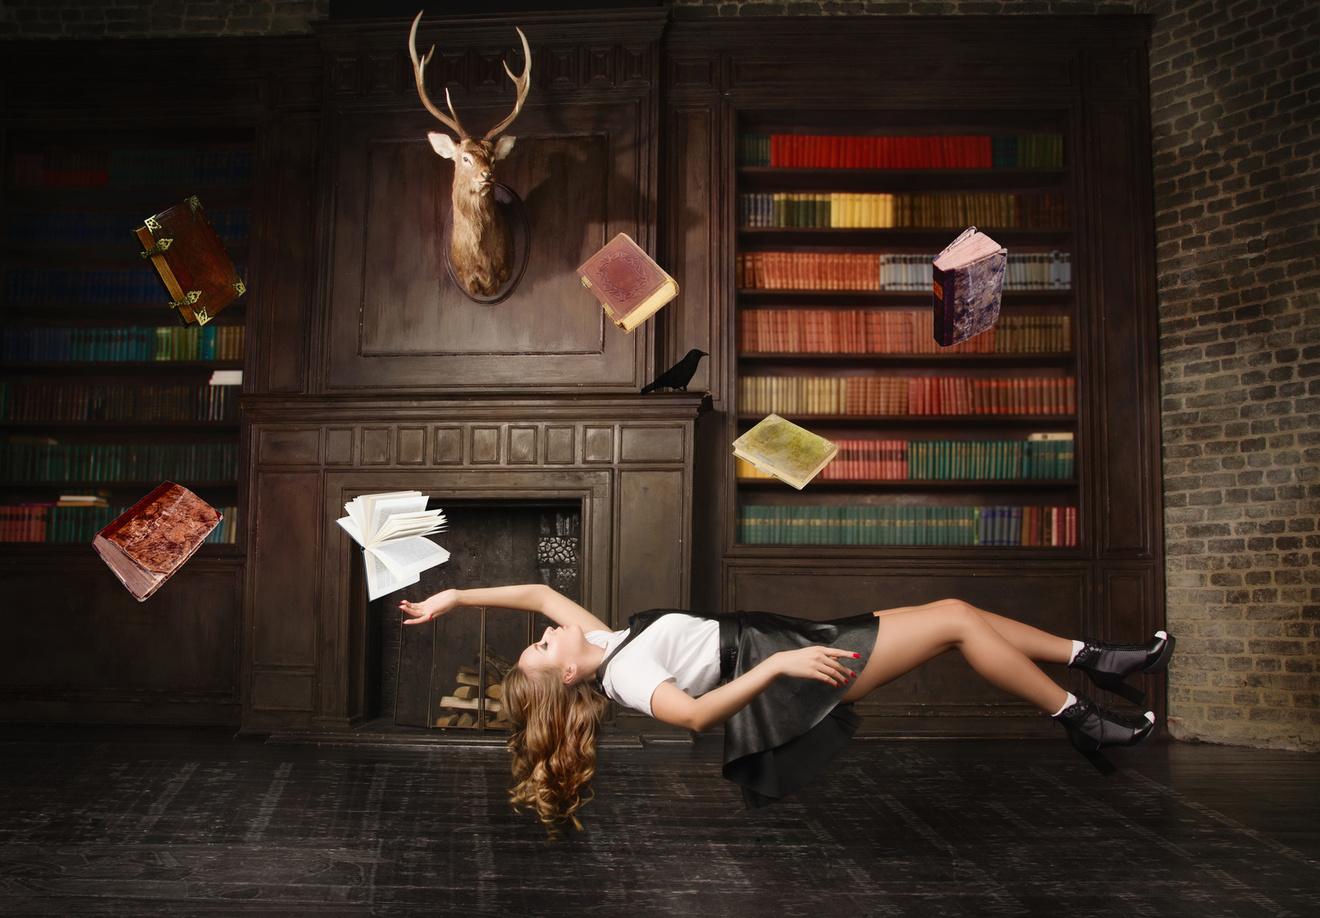 ドイツ文学おすすめ6選!有名作家の代表作や童話など読みやすいものを紹介